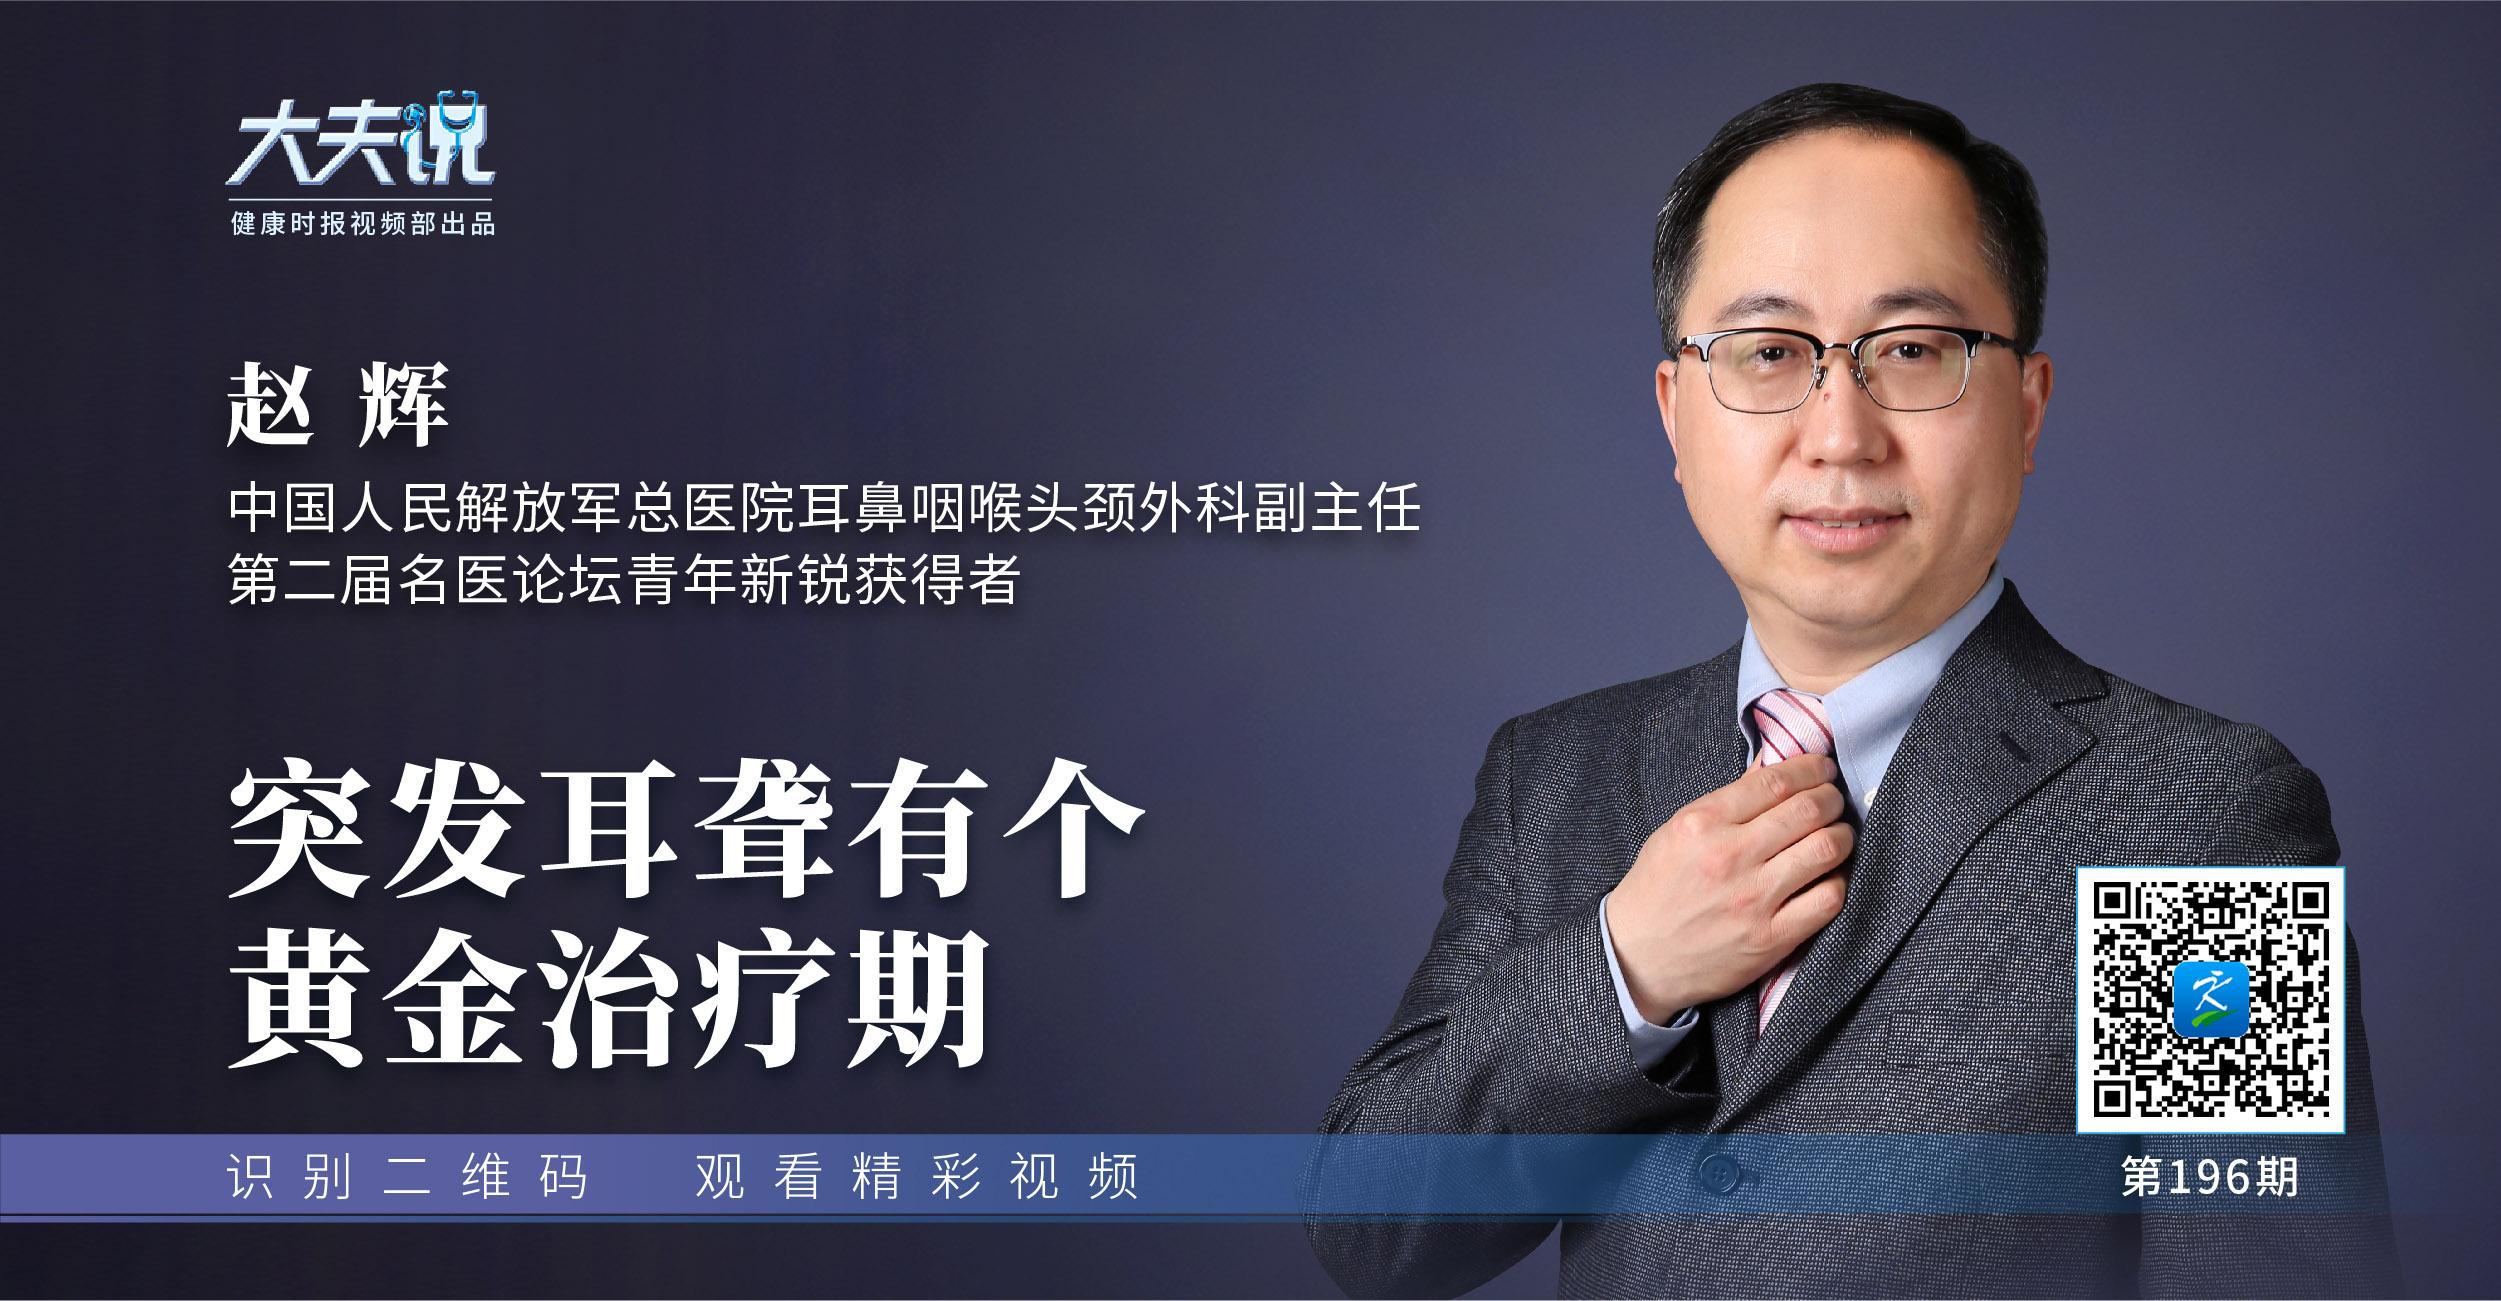 大夫说(196期):突聋有个黄金治疗期